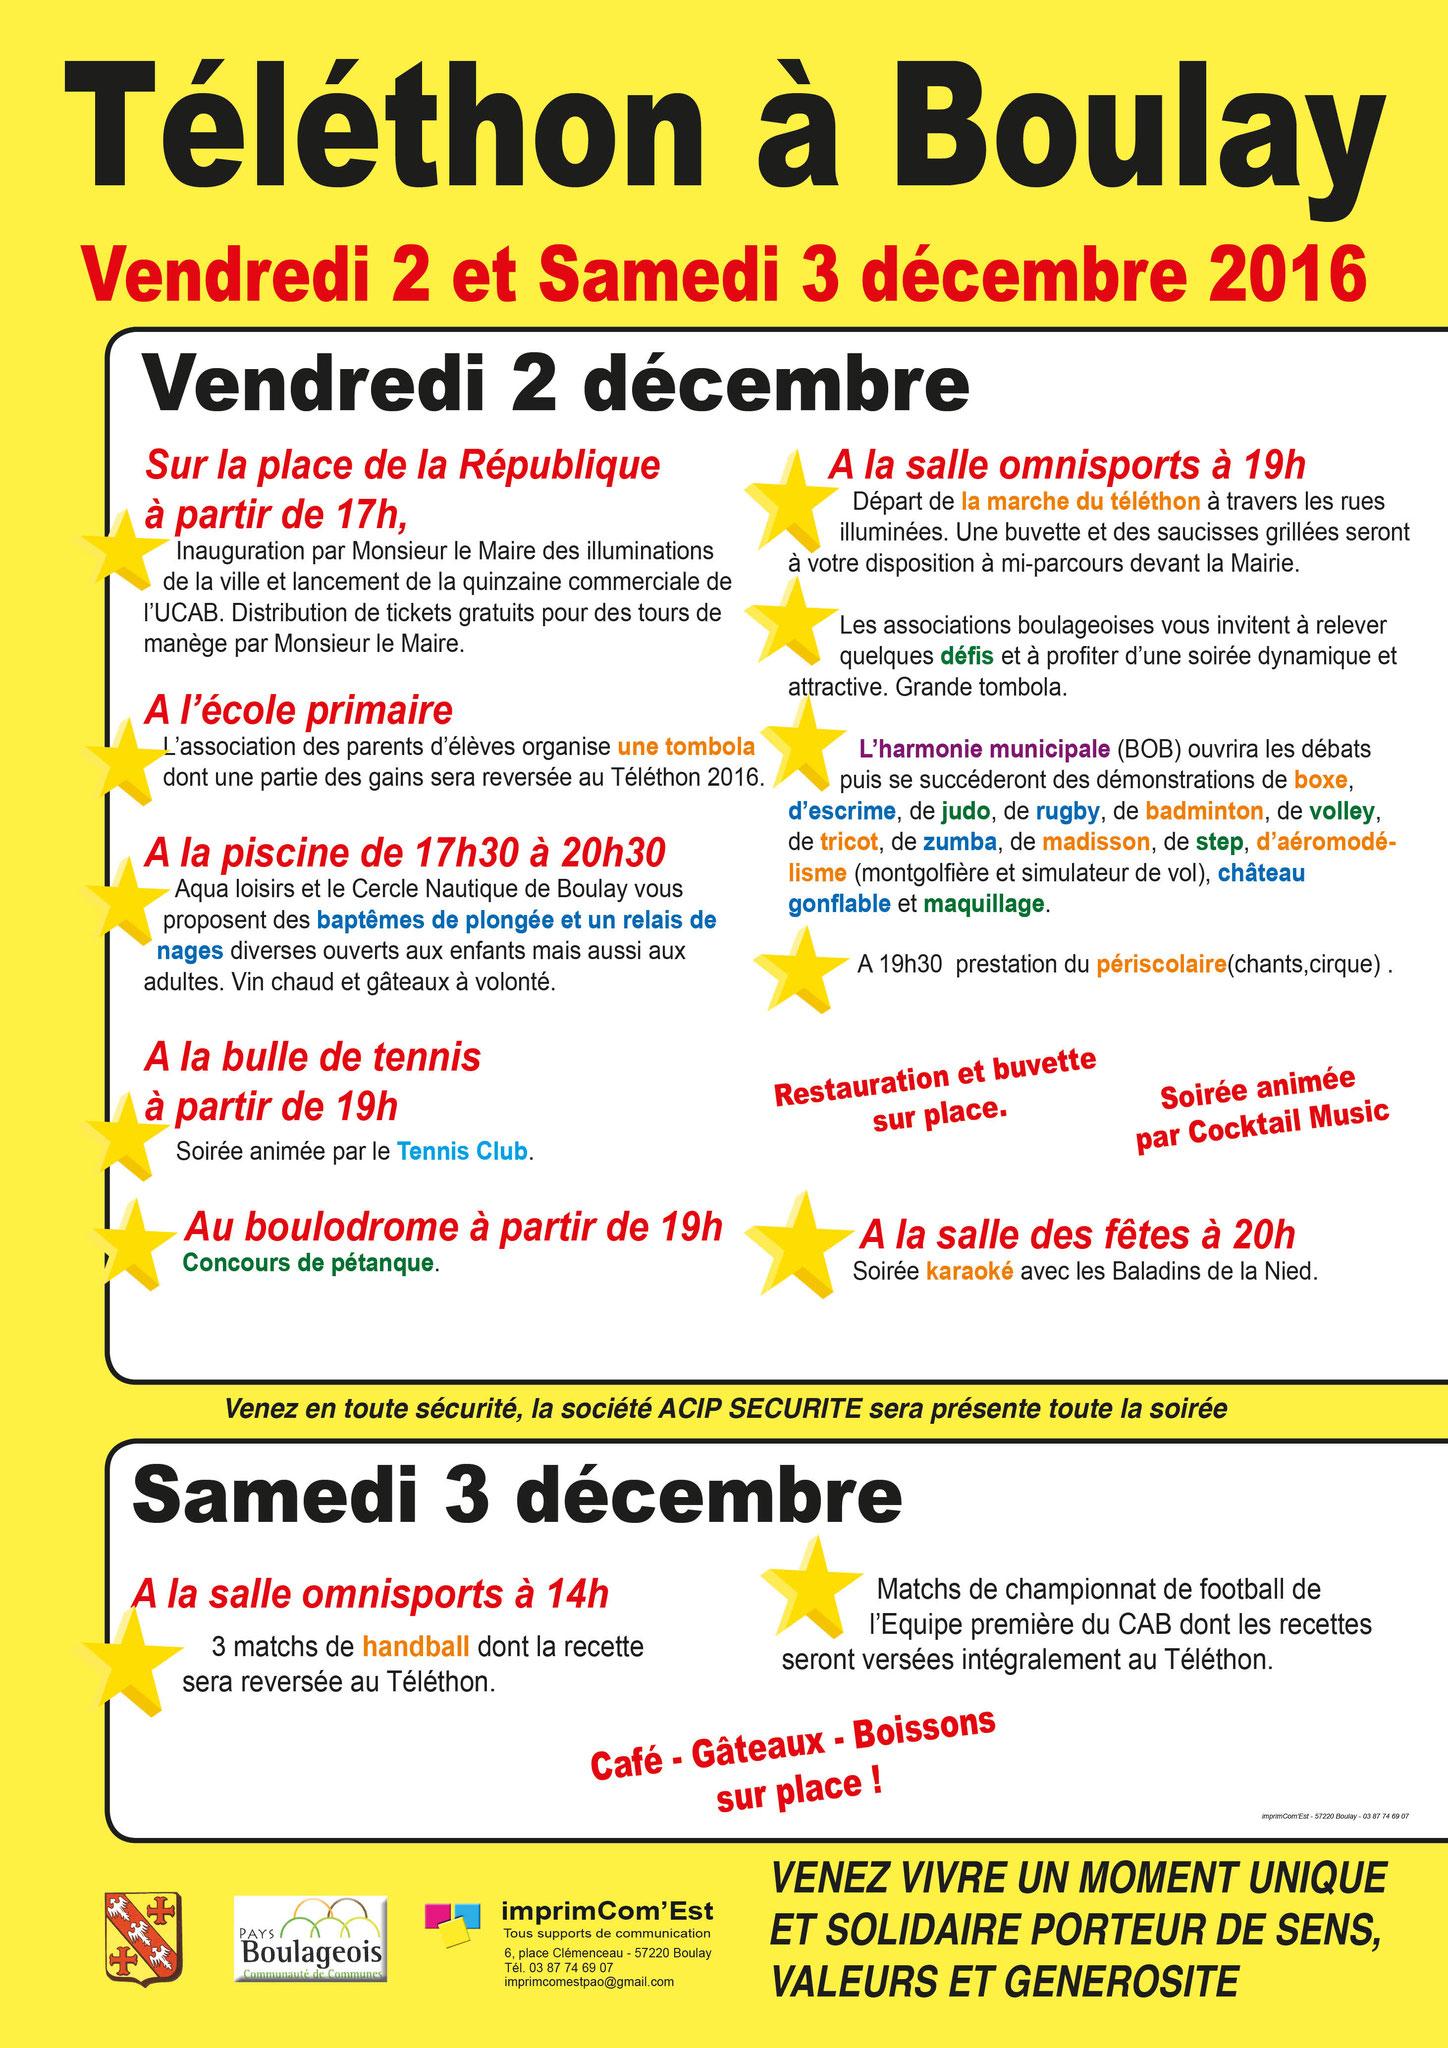 Retrouvez-nous le 2 décembre à Boulay-Moselle à l'occasion du Téléthon 2016